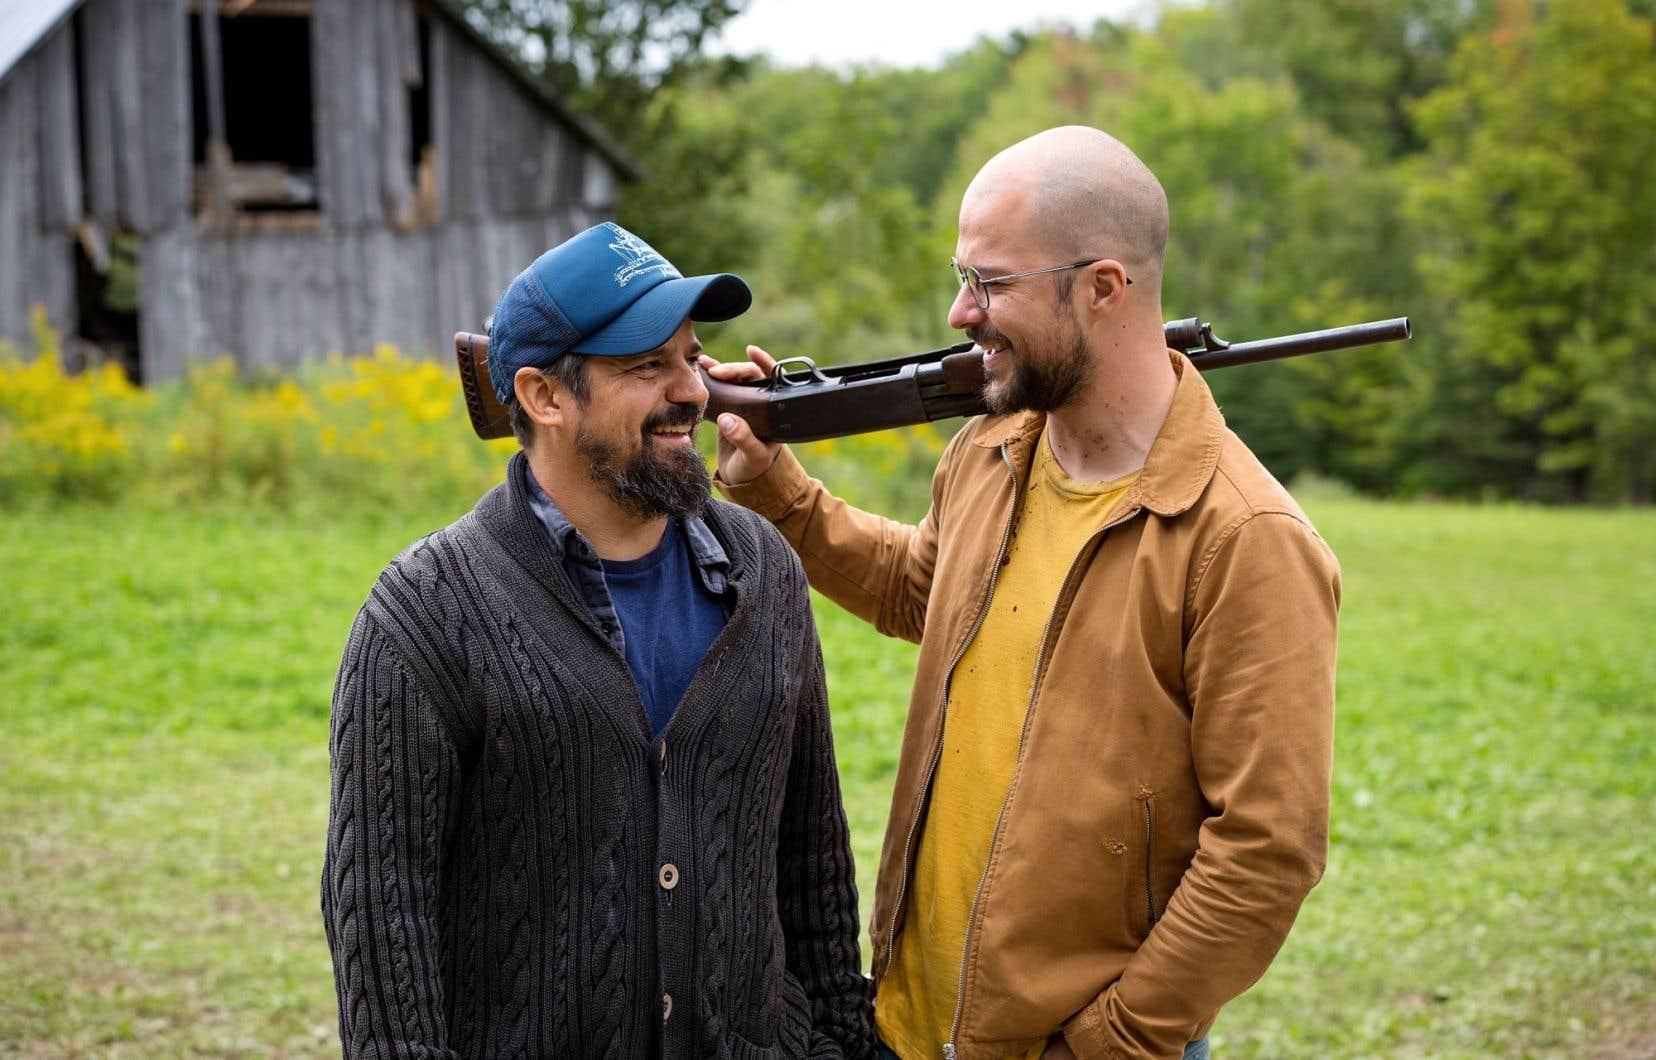 Le réalisateur Robin Aubert travaille entre autres avec le comédien Marc-André Grondin sur un plateau qu'il décrit comme le plus libre qu'il ait dirigé.